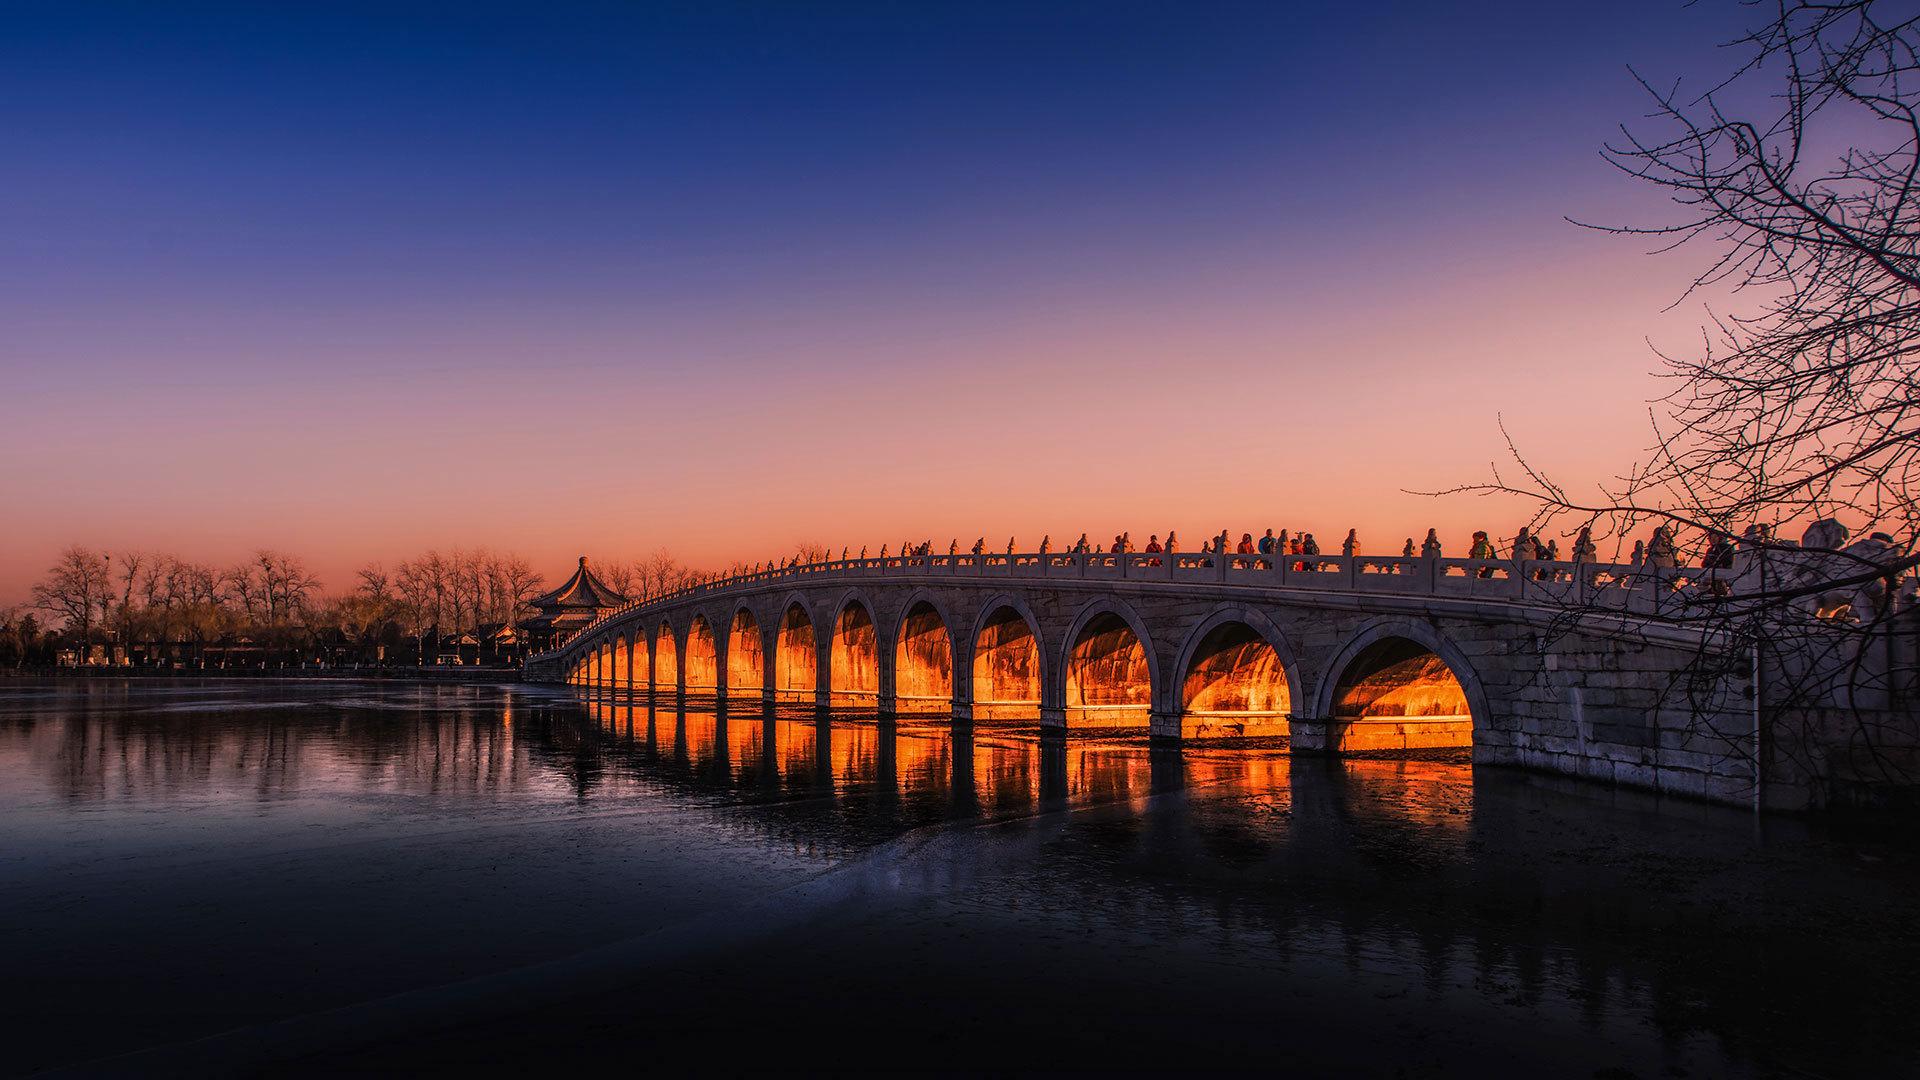 北京颐和园昆明湖上的十七孔桥十七孔桥